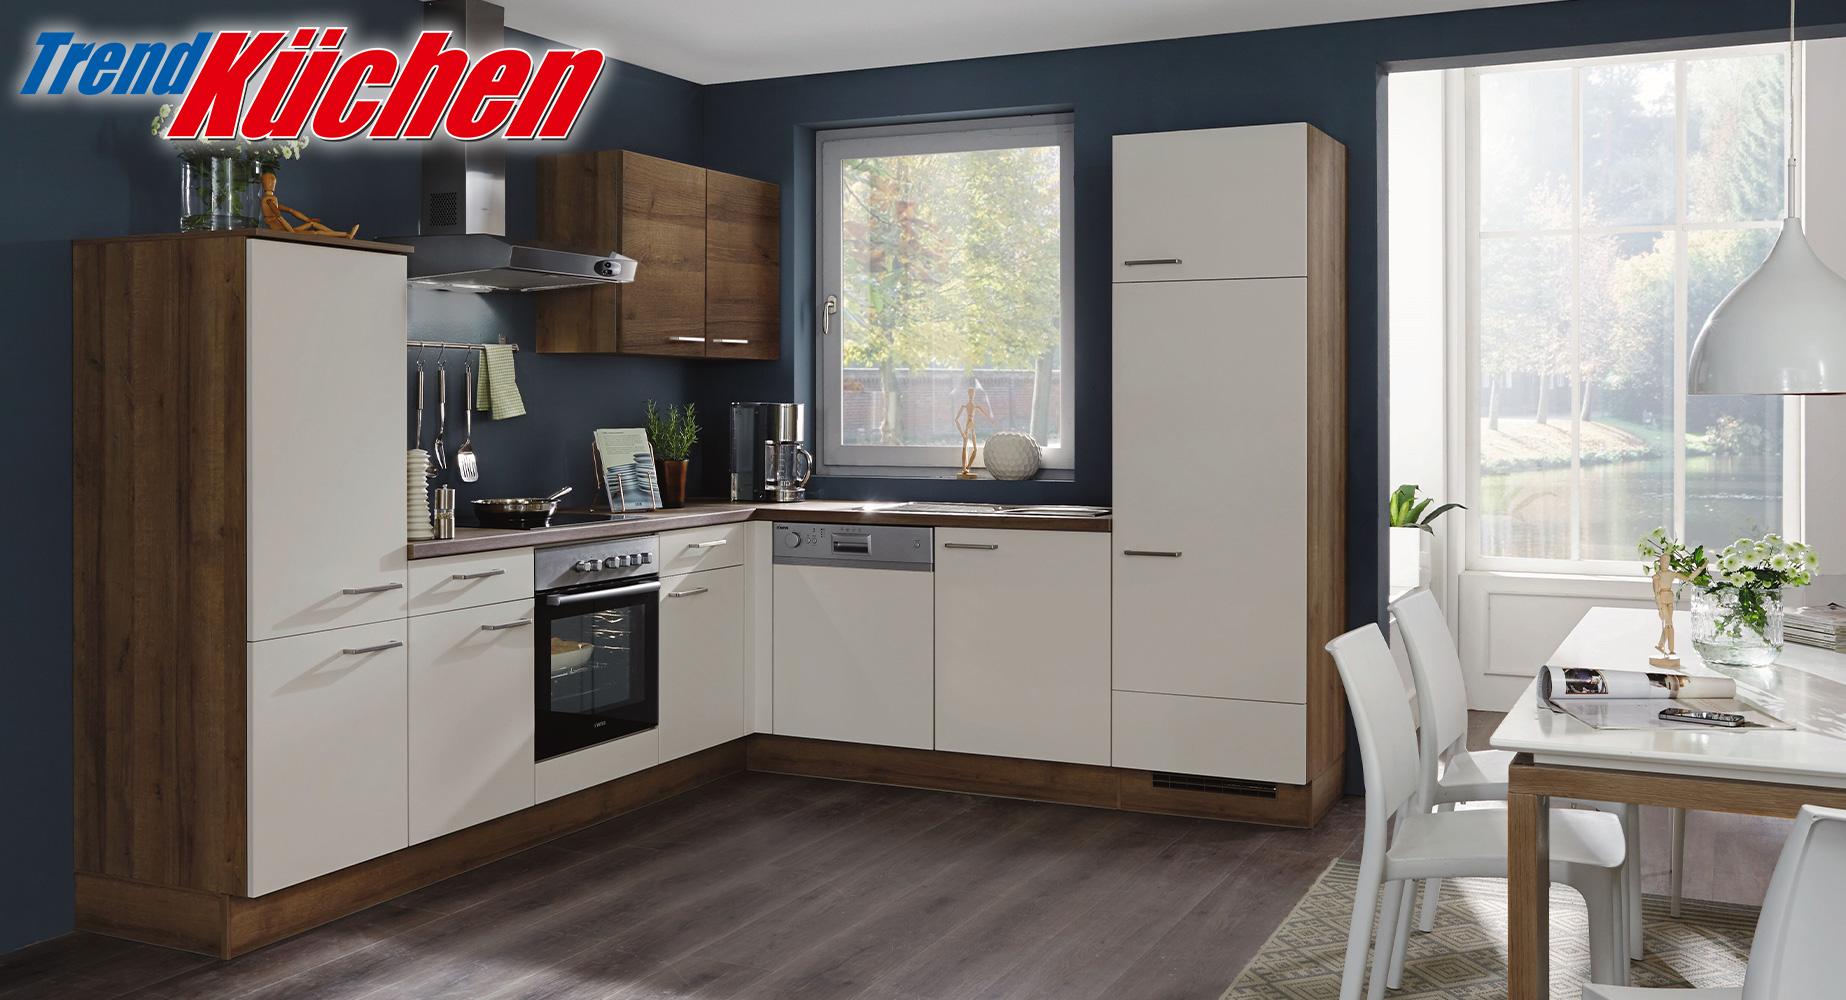 Full Size of Elektroinstallation Küche Planen Ikea Küche Planen Lassen Erfahrung Küche Planen Online Kostenlos Zweizeilige Küche Planen Küche Küche Planen